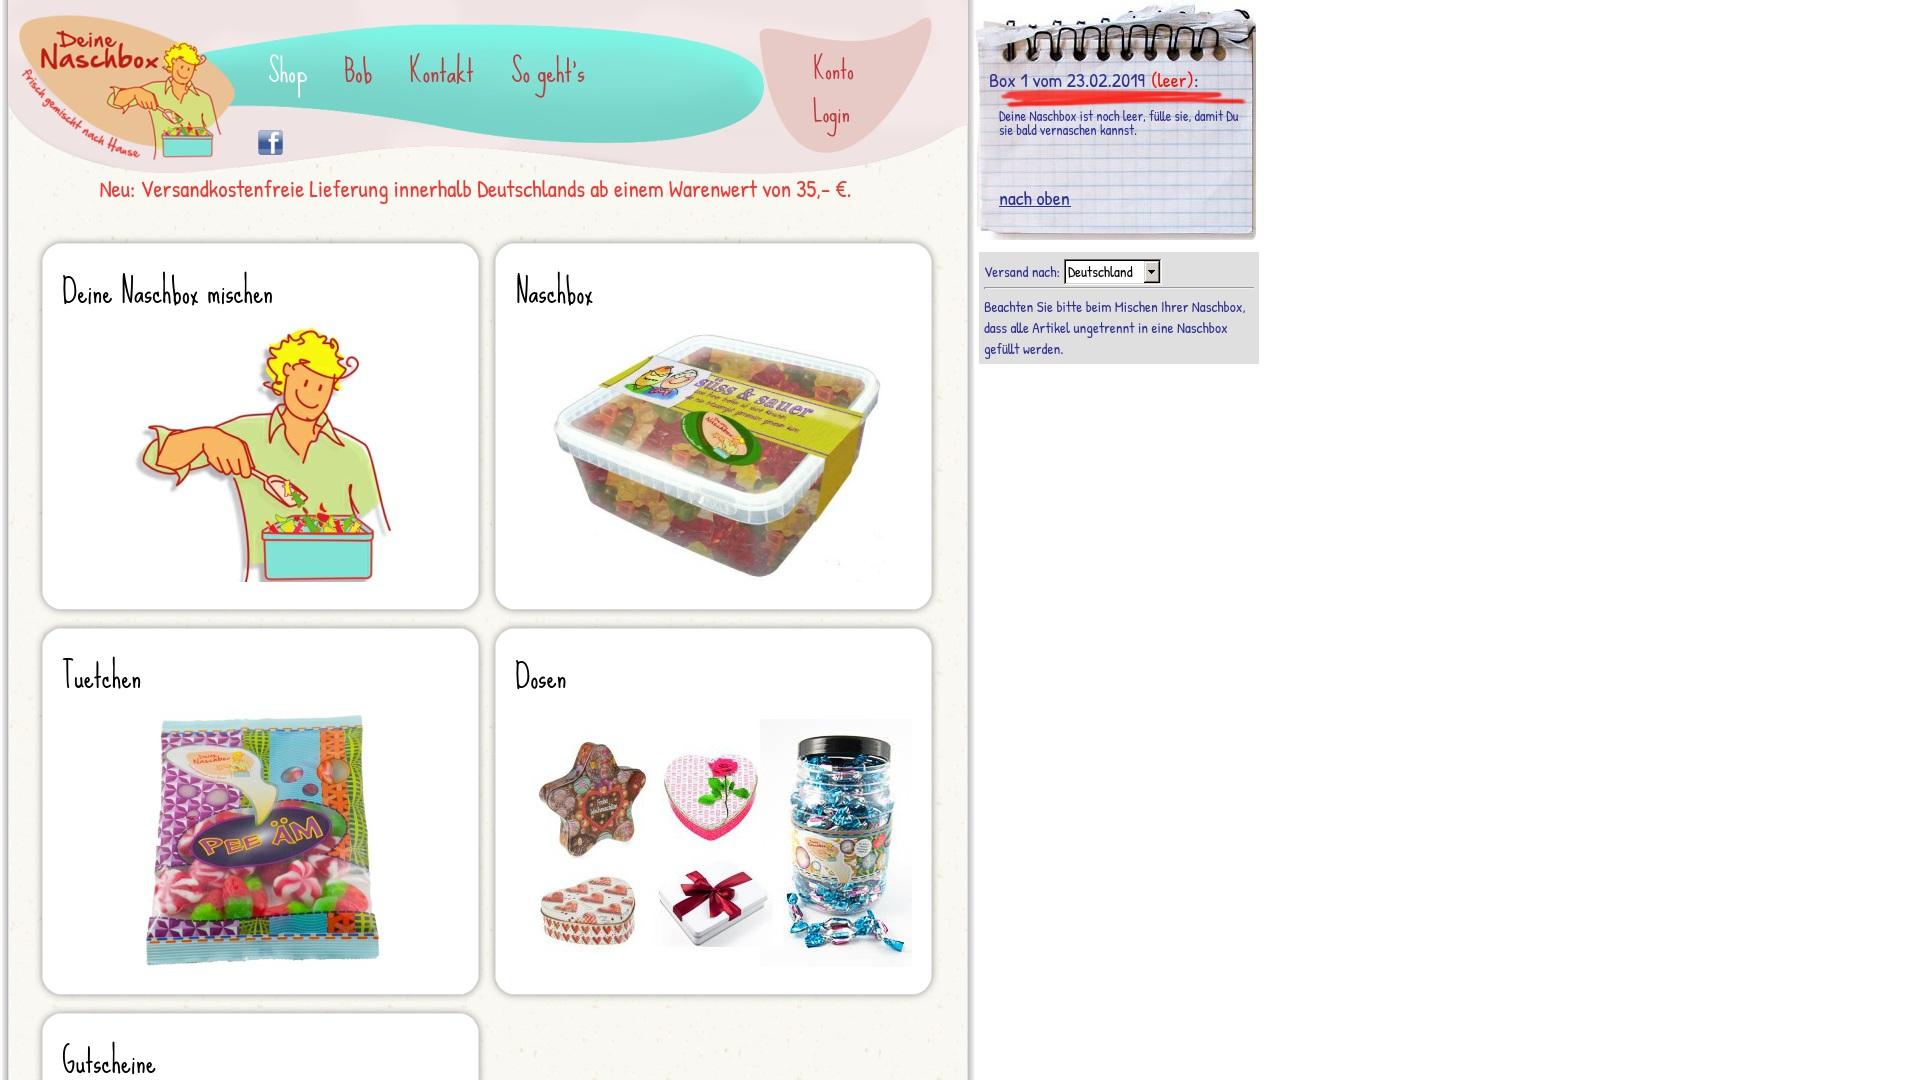 Gutschein für Deinenaschbox: Rabatte für  Deinenaschbox sichern